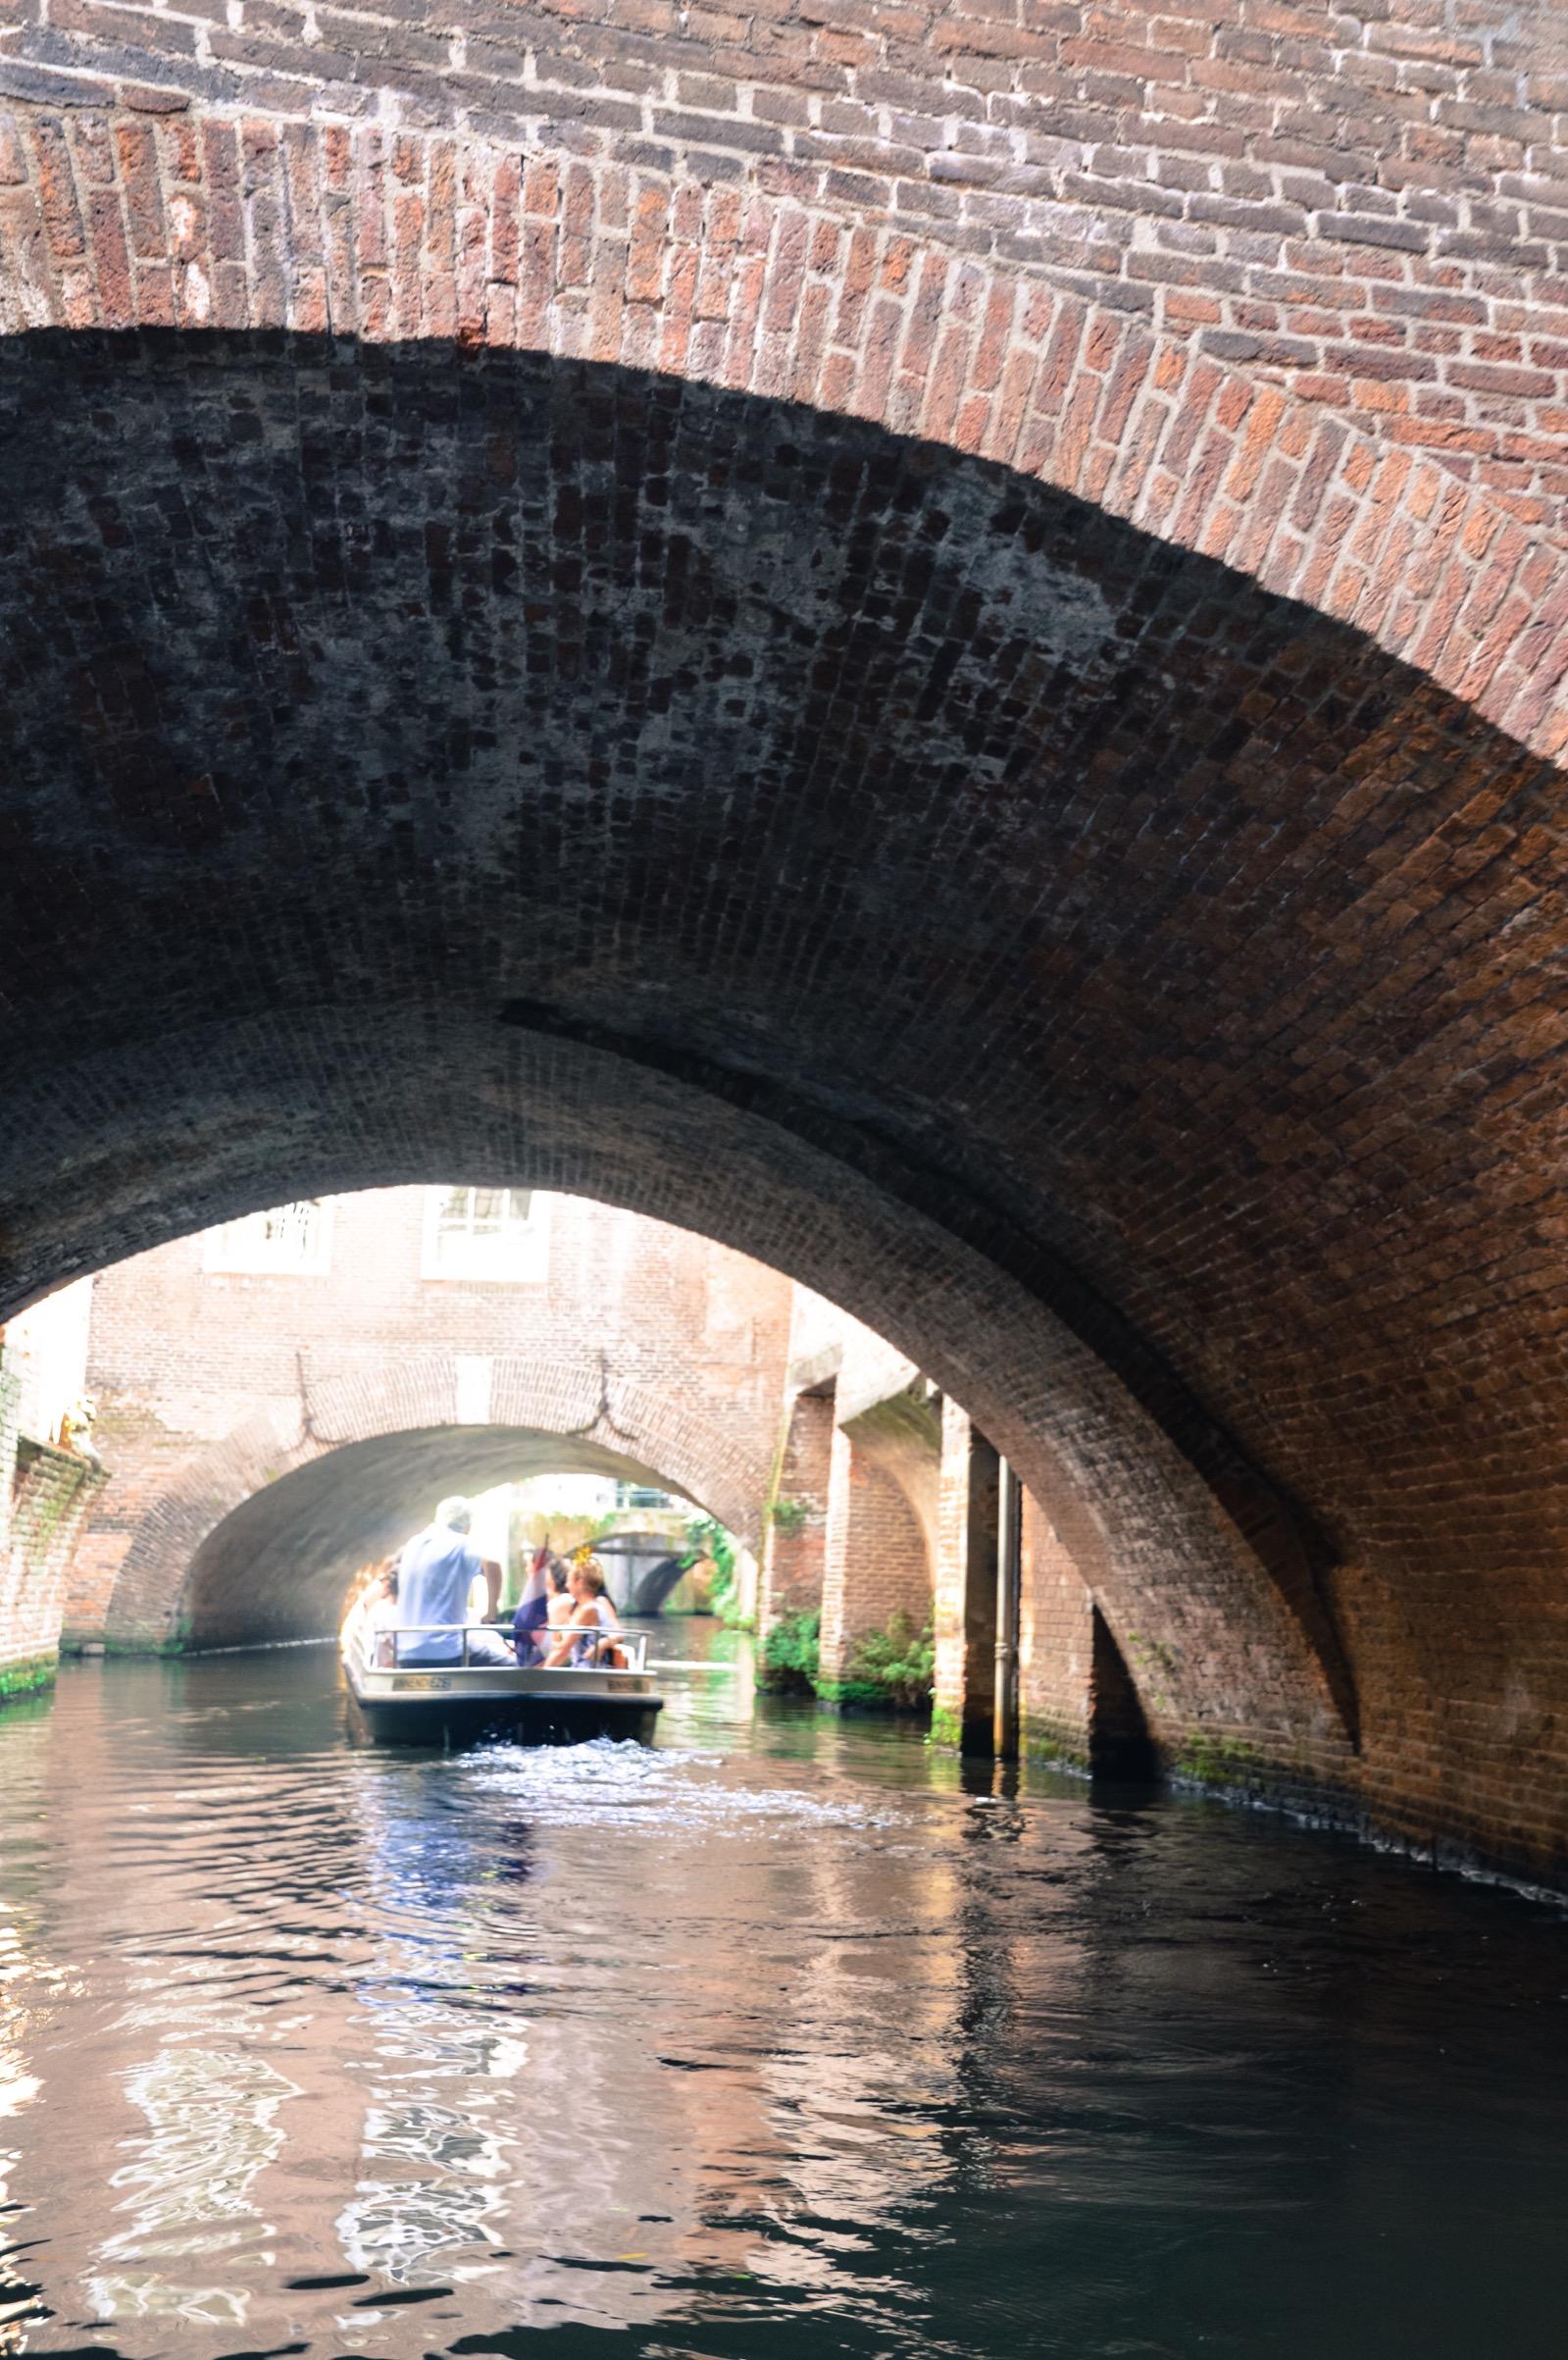 Binnendieze boat tour, Den Bosch, the Netherlands